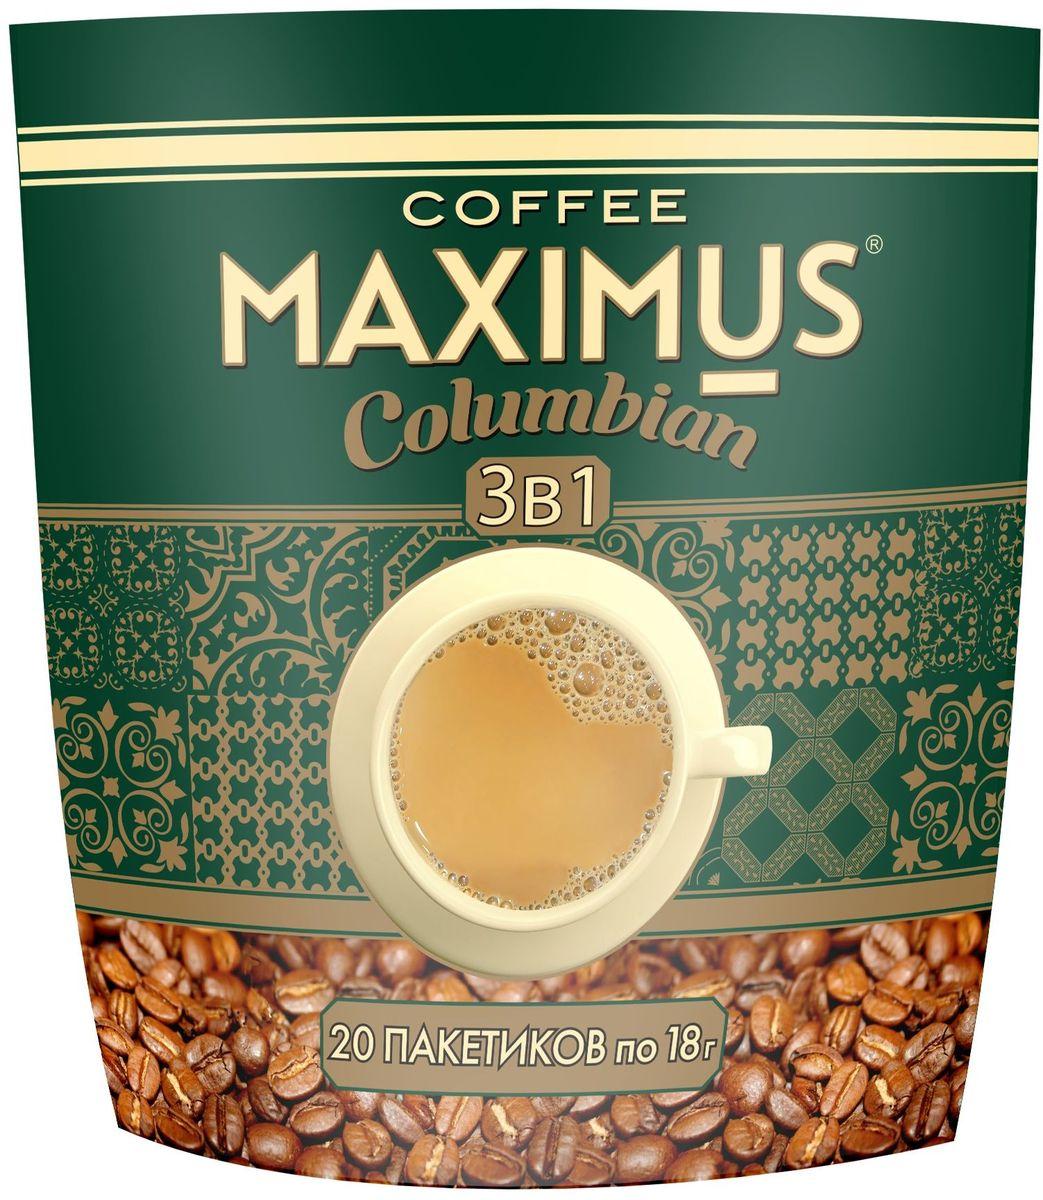 Maximus Columbian растворимый кофейный напиток в пакетиках, 20 шт4607051541498Кофе-микс отличается особым бархатистым, хорошо сбалансированным вкусом. Комбинация вкуса качественного кофе, сливок и сахара наполнит день приятными ощущениями и позволит насладиться богатым вкусом и деликатным ароматом великолепного кофе.